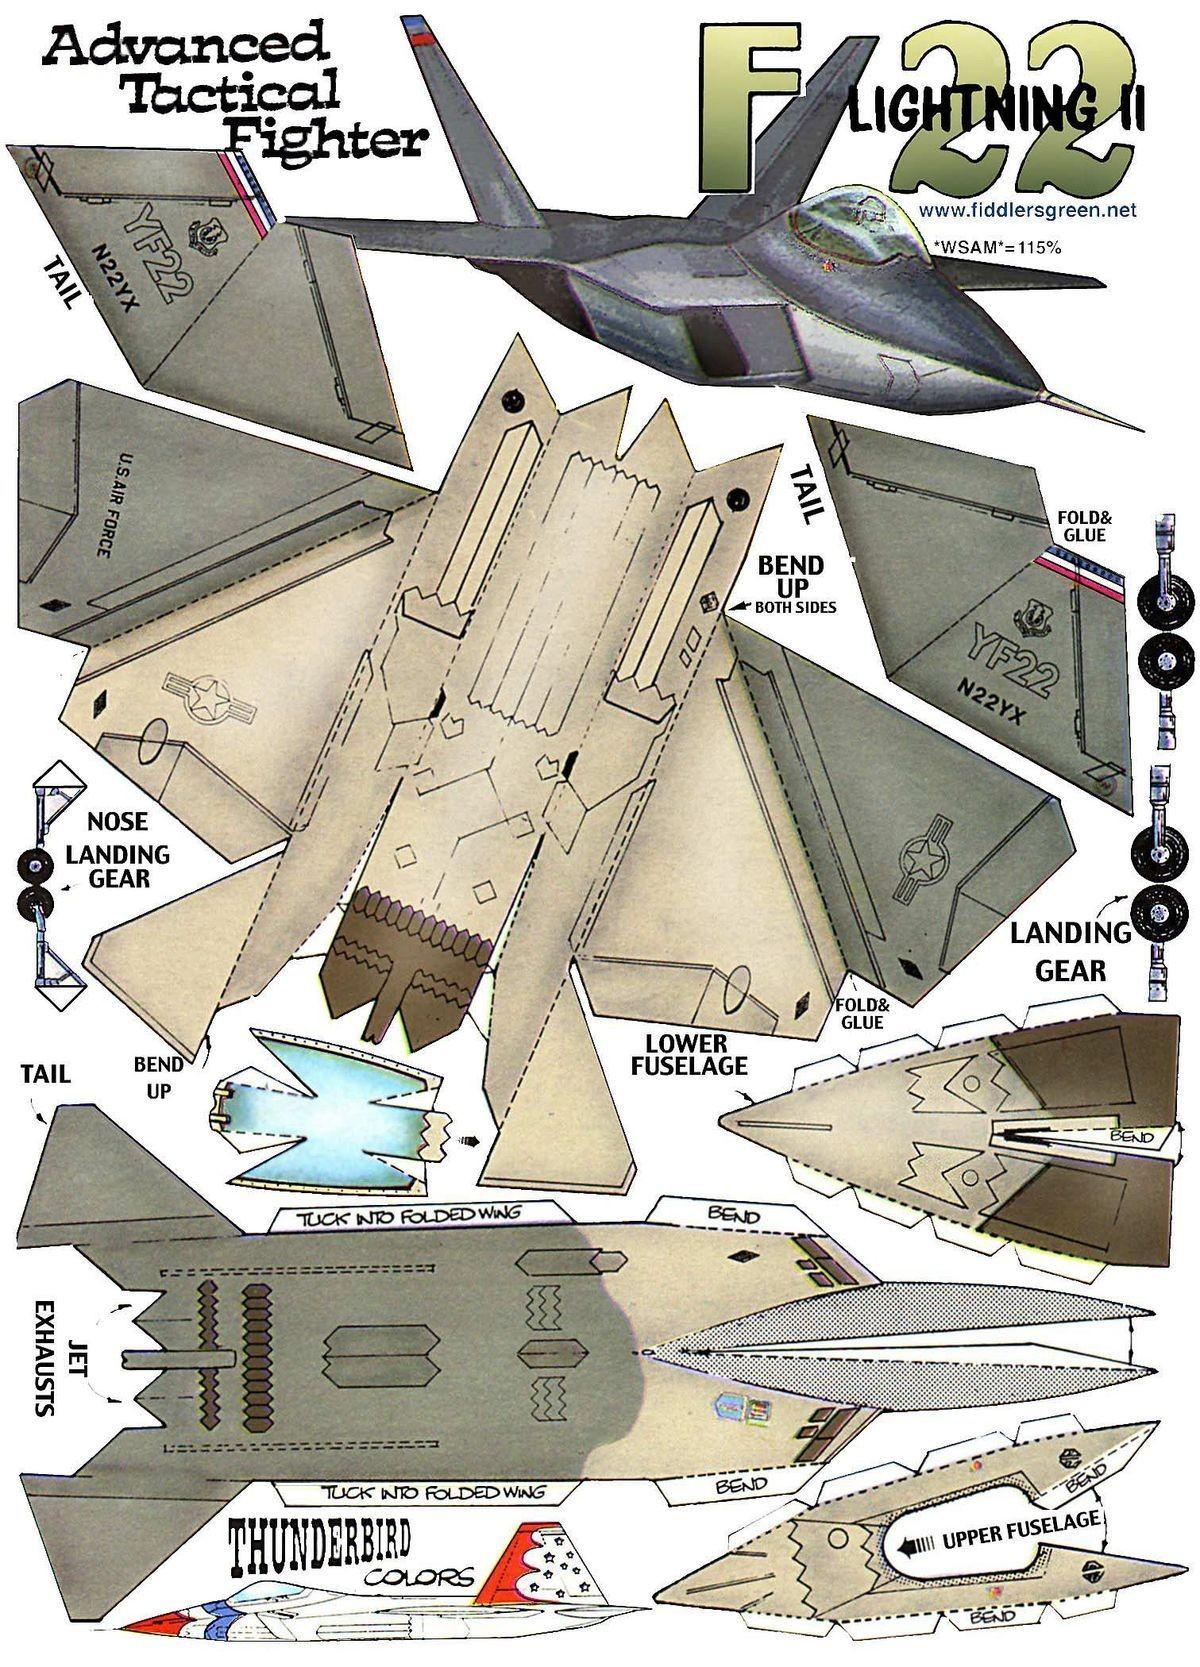 Papercraft Aircraft 6f182ac D378aaebcb9a A0 1 200—1 667 Pixels